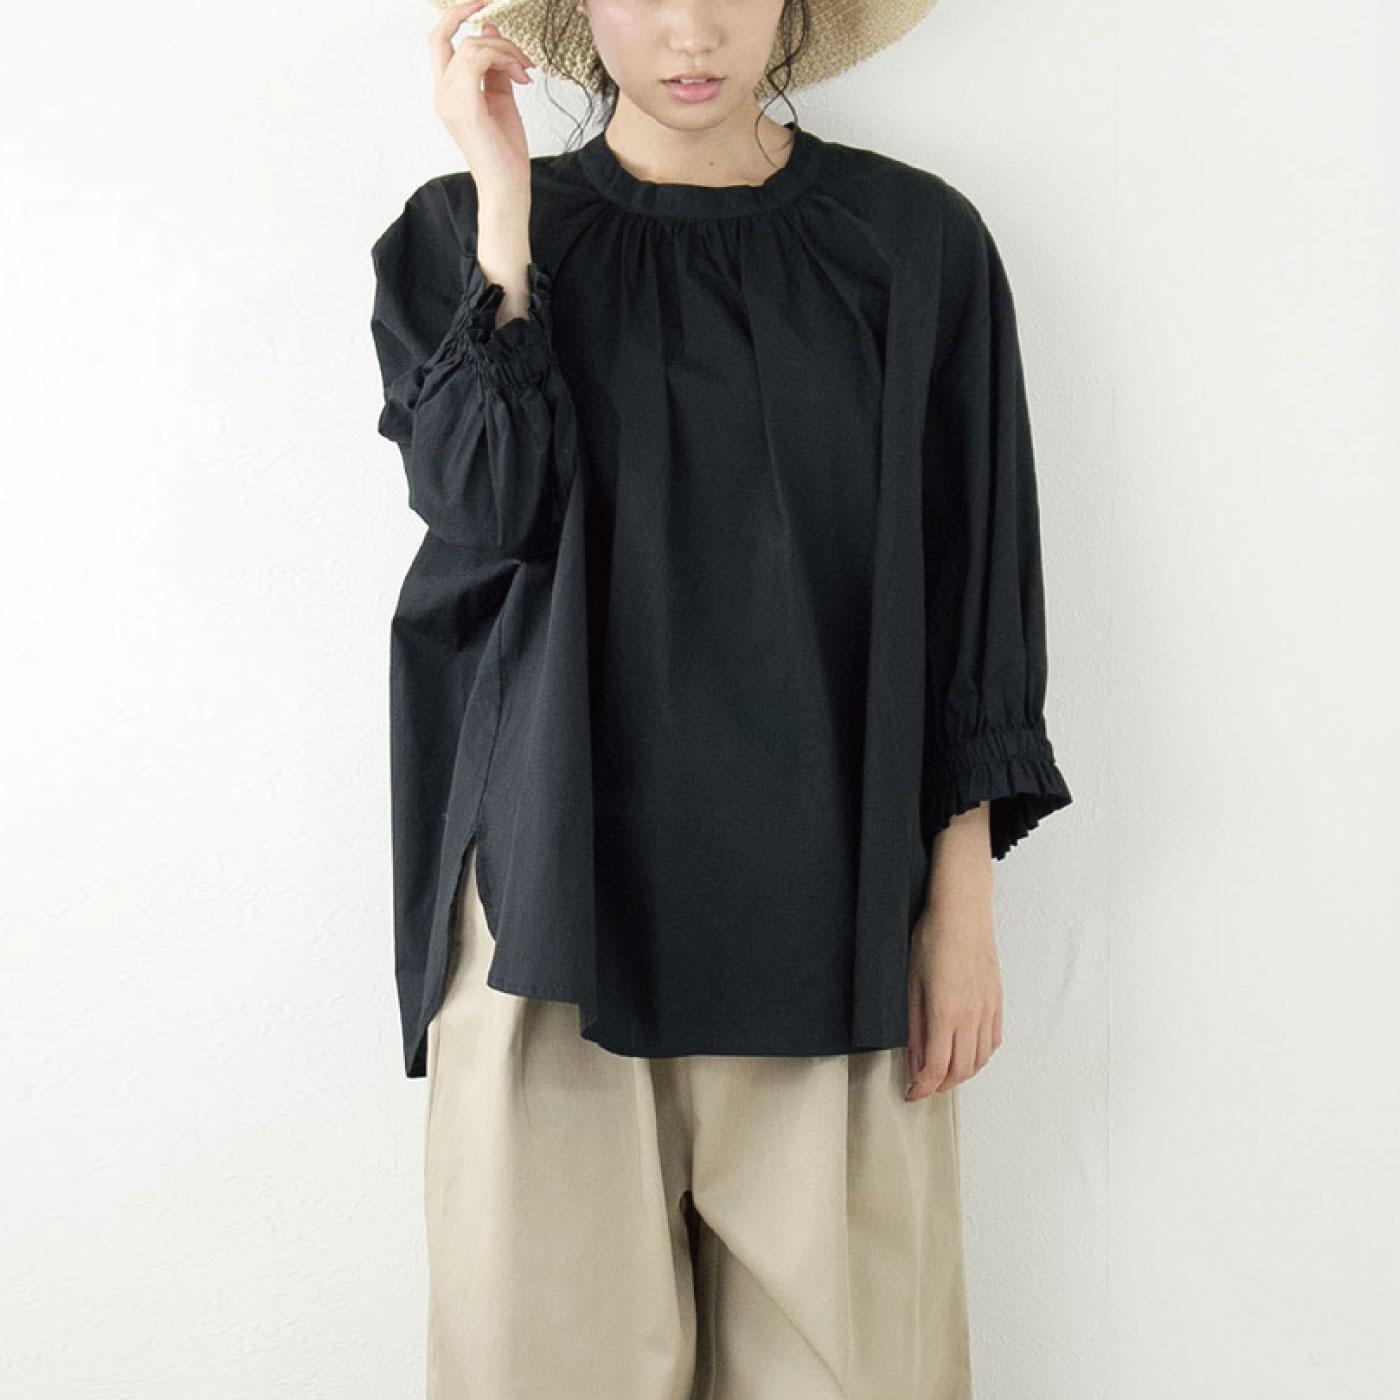 オーバークローズ ギャザー感も袖丈も文句ナシ ふうわりバルーン袖ブラウス